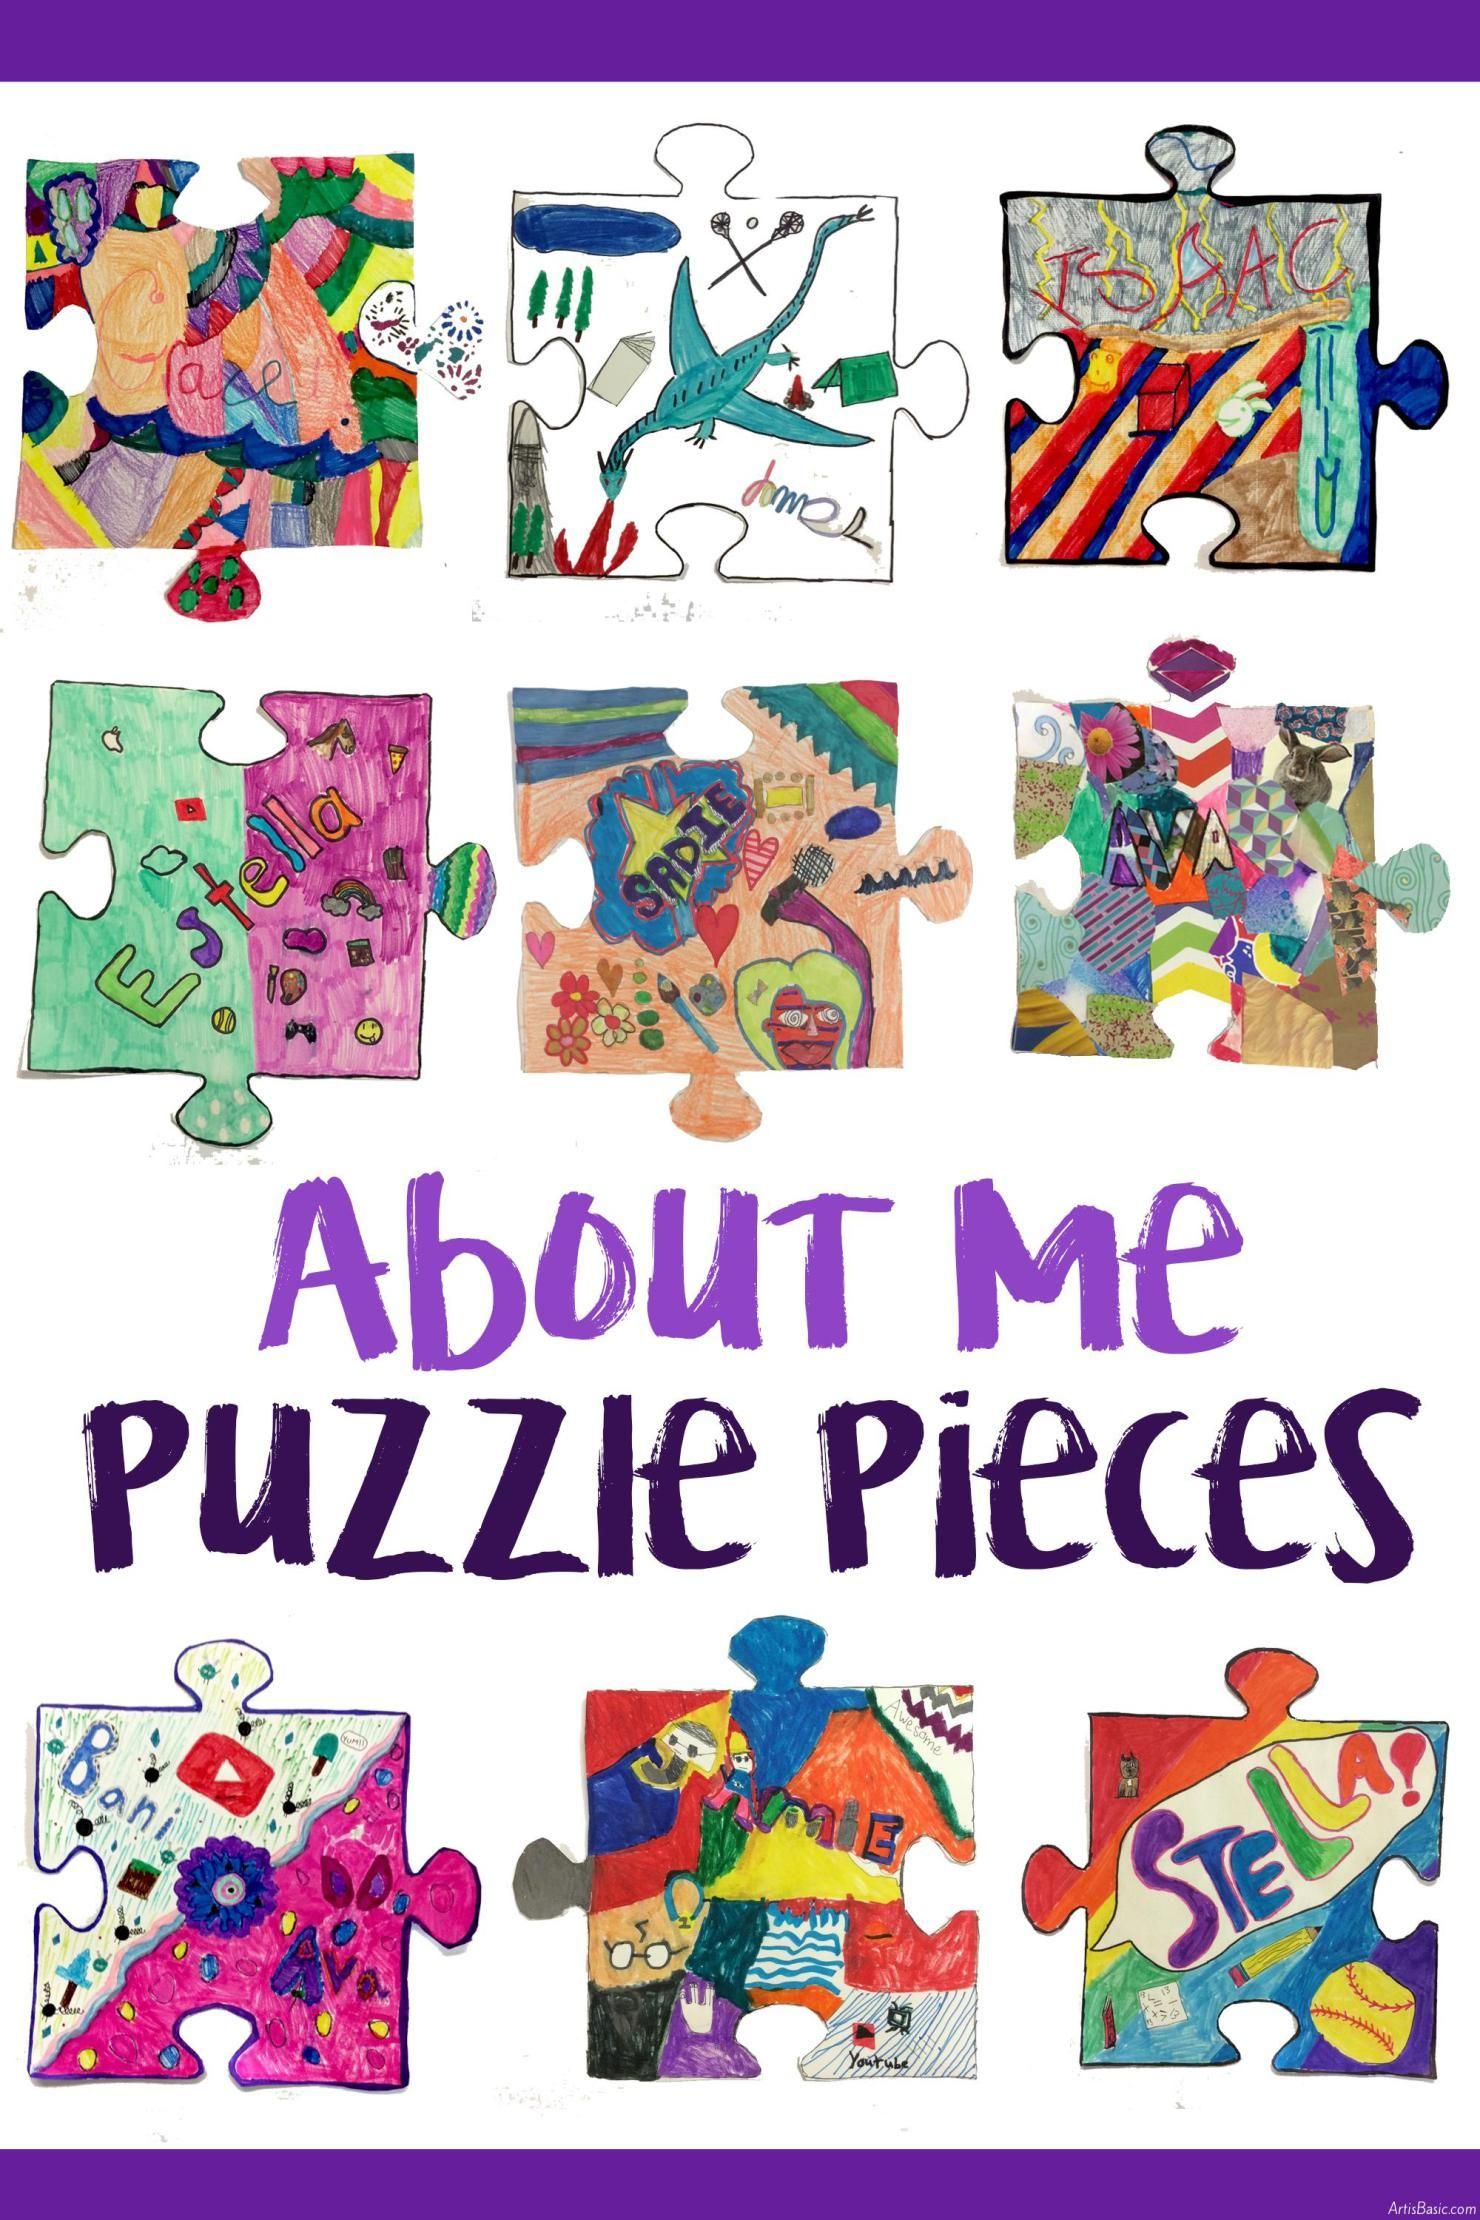 All About Me Collaborative Puzzle Pieces | Pinterest | Puzzle pieces ...